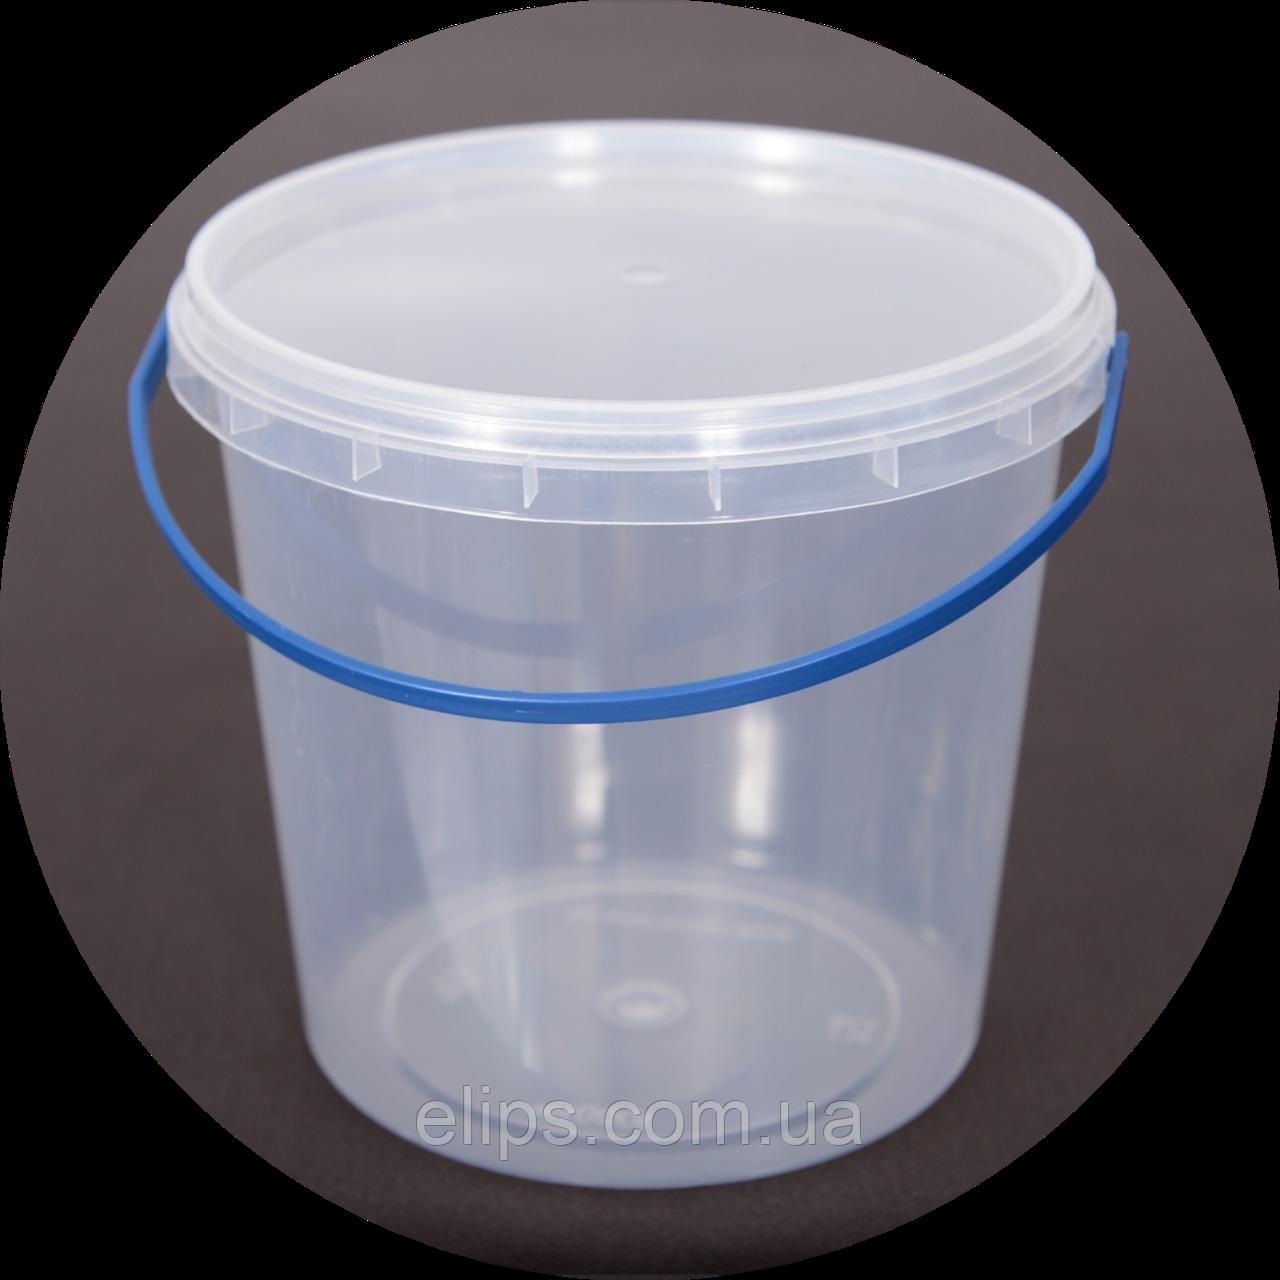 Ведро пластиковое, пищевое 1.1 л (упаковка 100 шт). Бесплатная доставка!